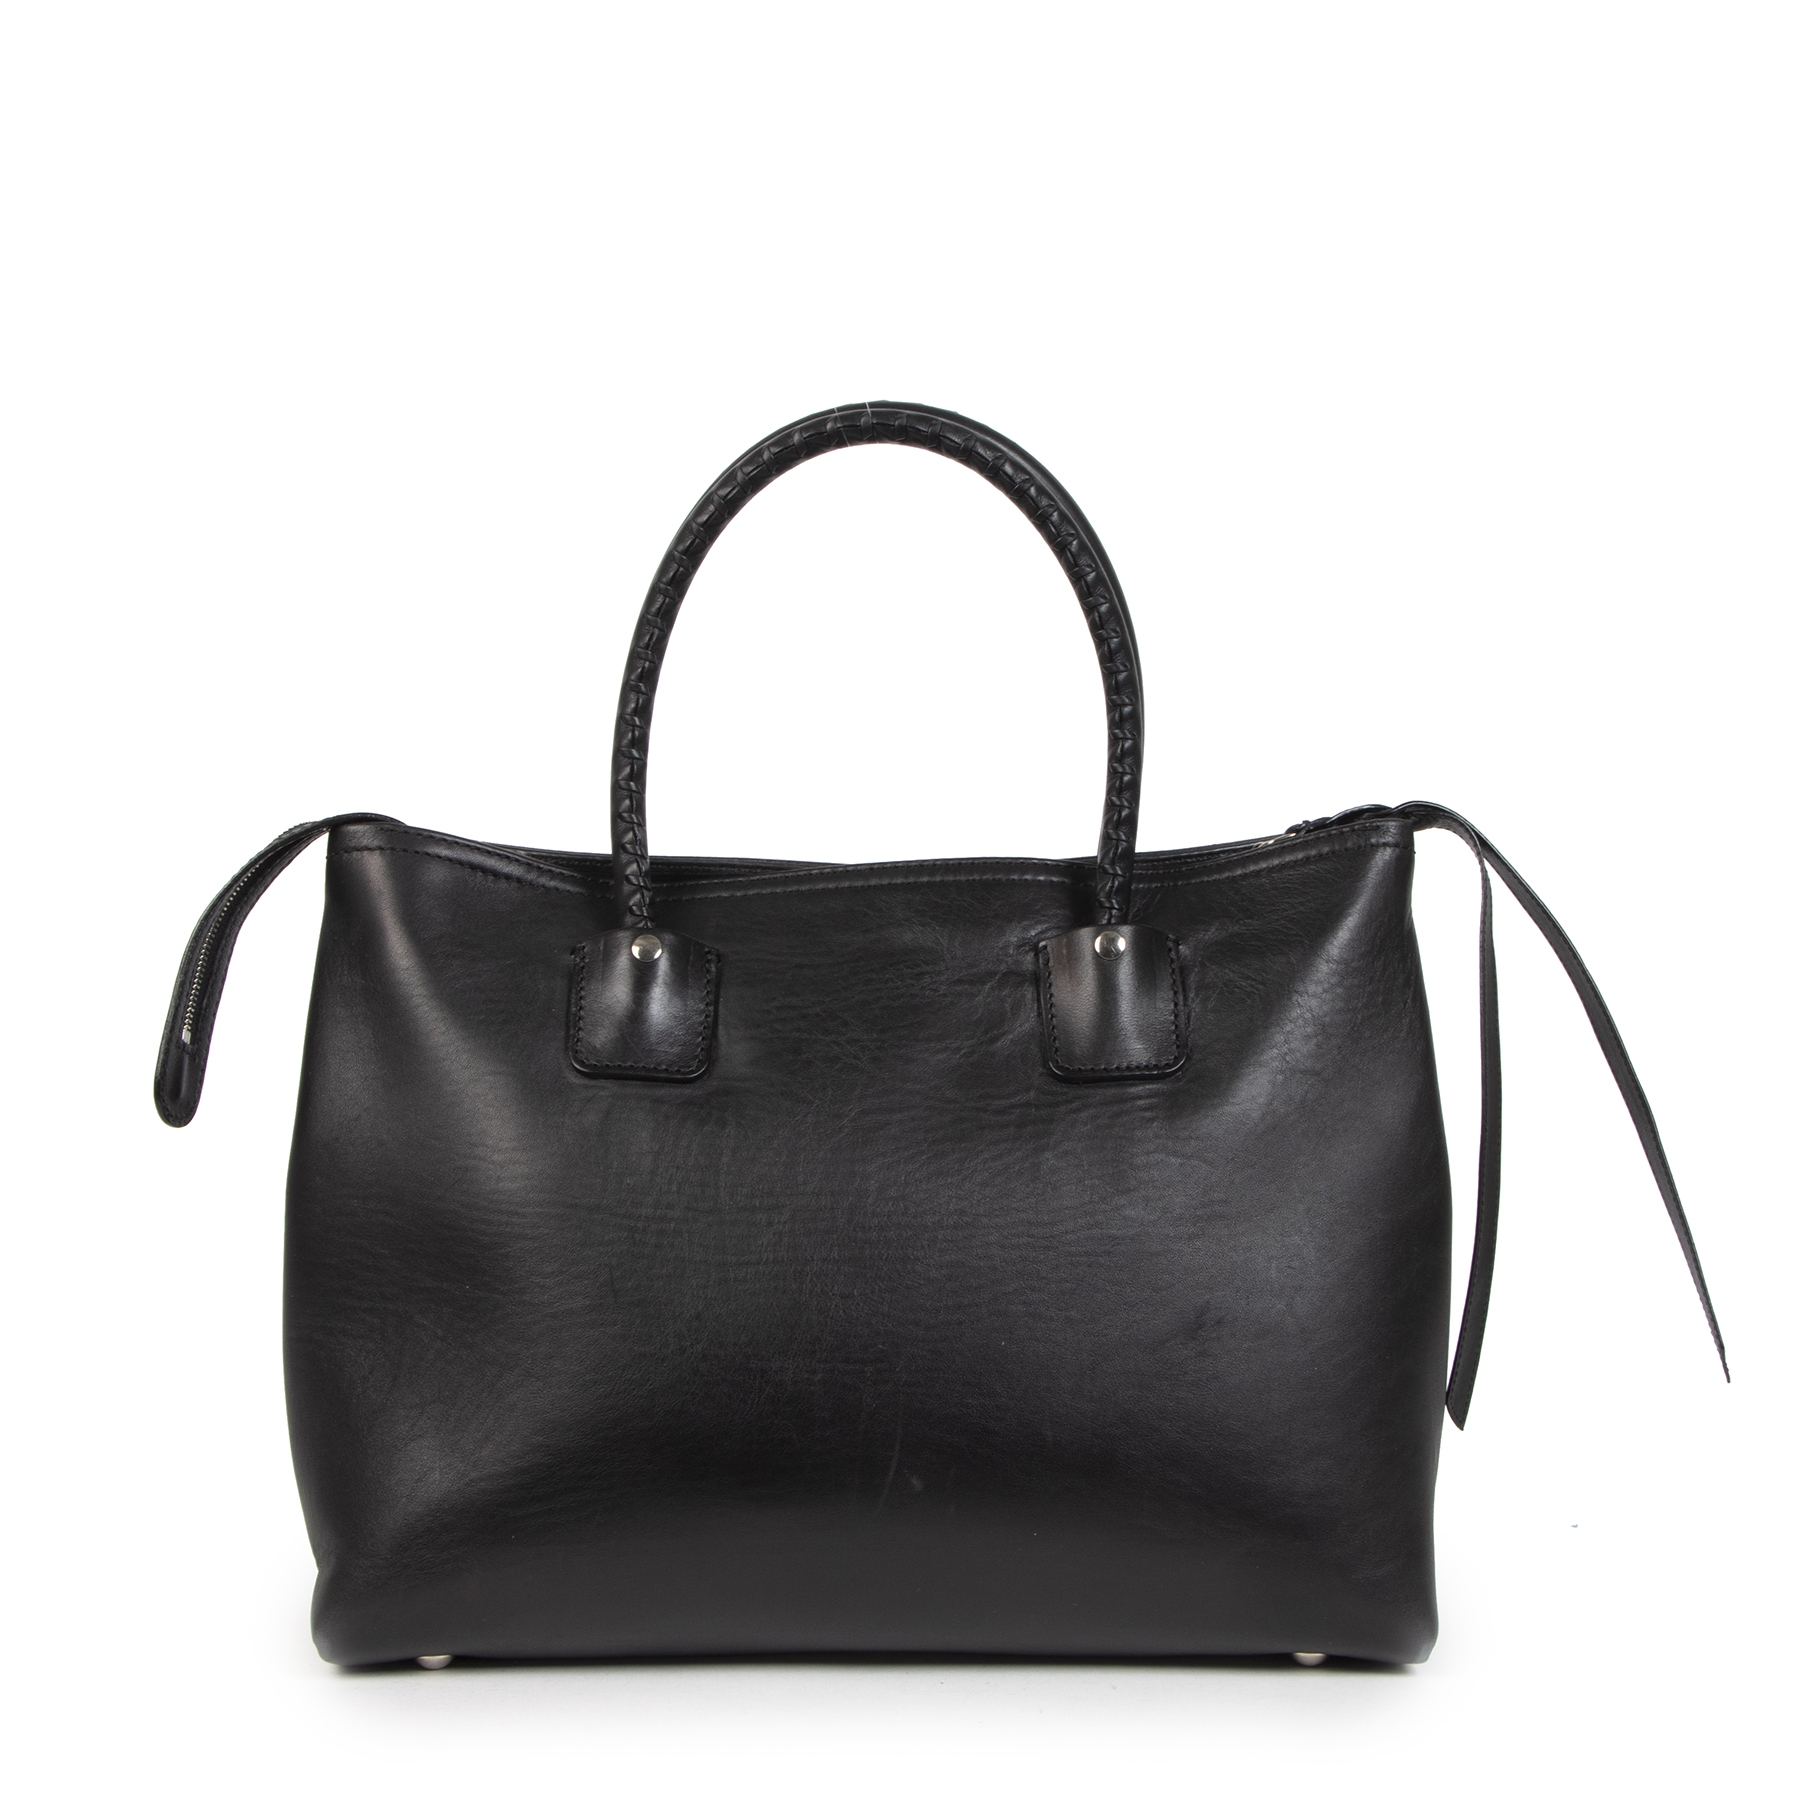 Authentieke Tweedehands Alexander McQueen Black Whip Stitch Folk Tote Top Handle Bag juiste prijs veilig online shoppen luxe merken webshop winkelen Antwerpen België mode fashion